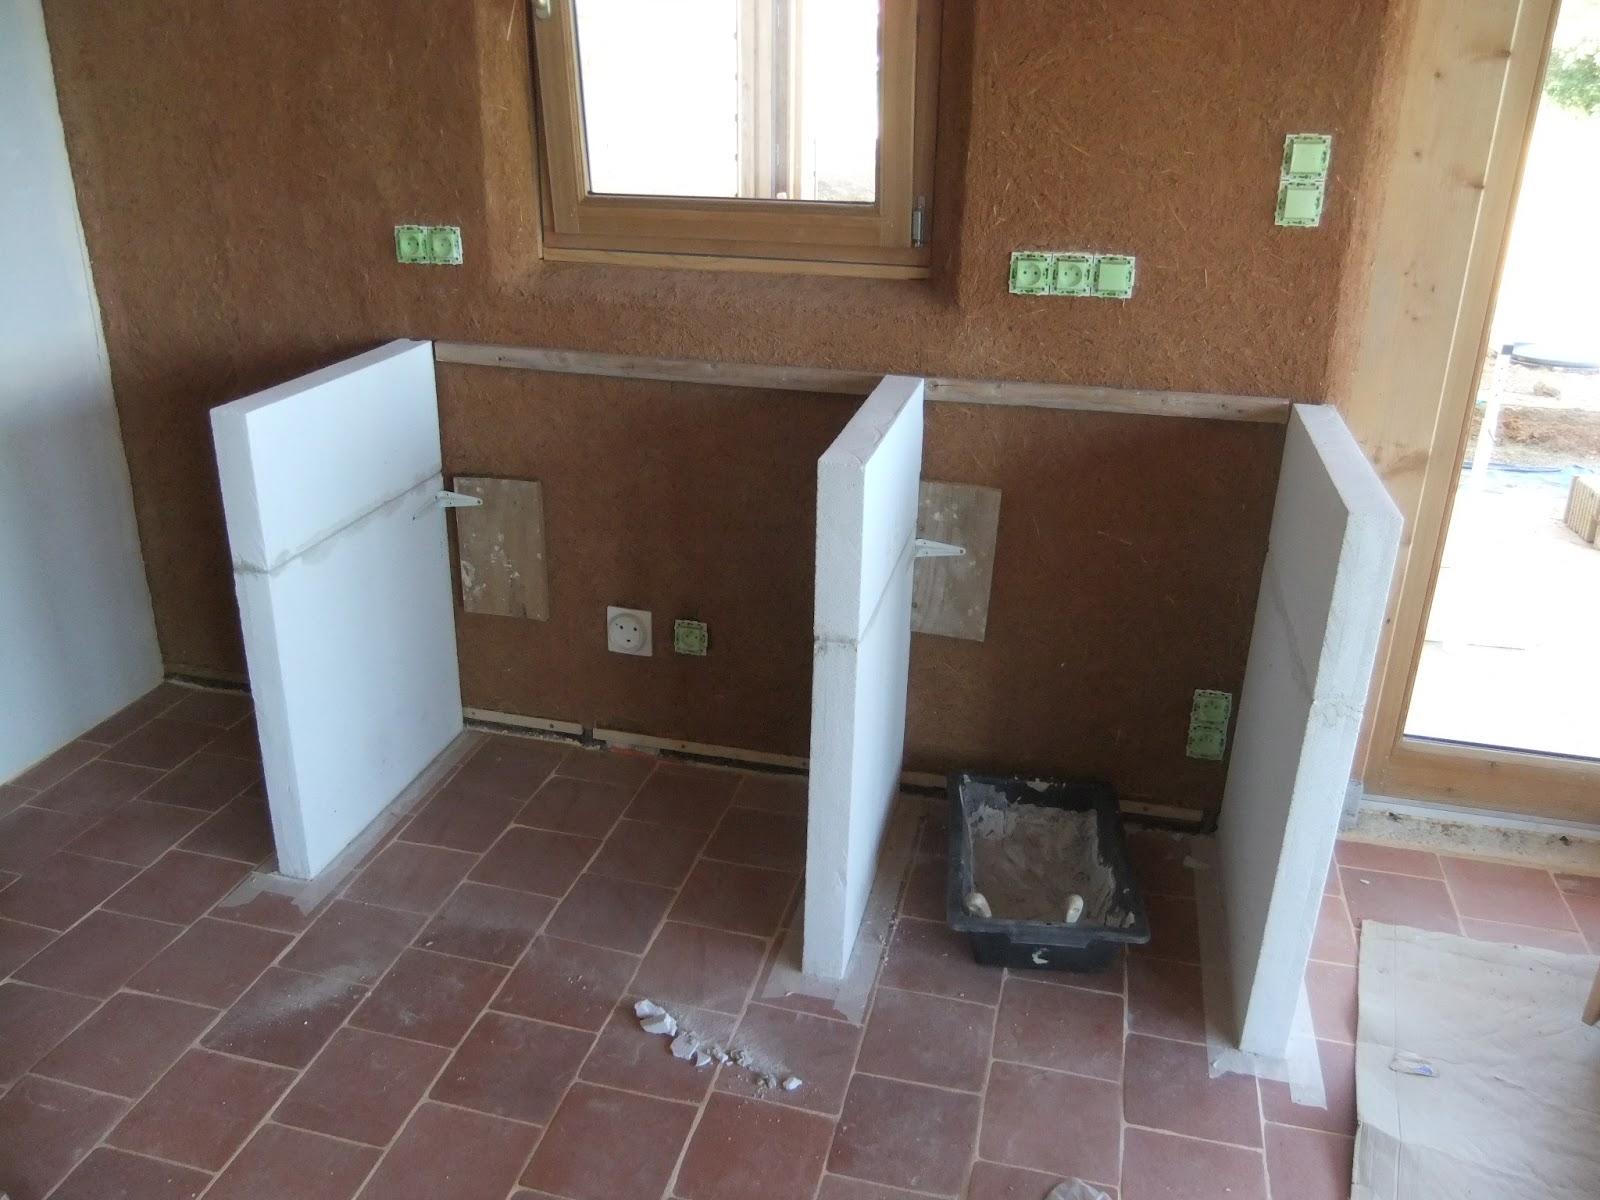 Fixer plan de travail sur beton lille maison - Meuble beton cellulaire ...